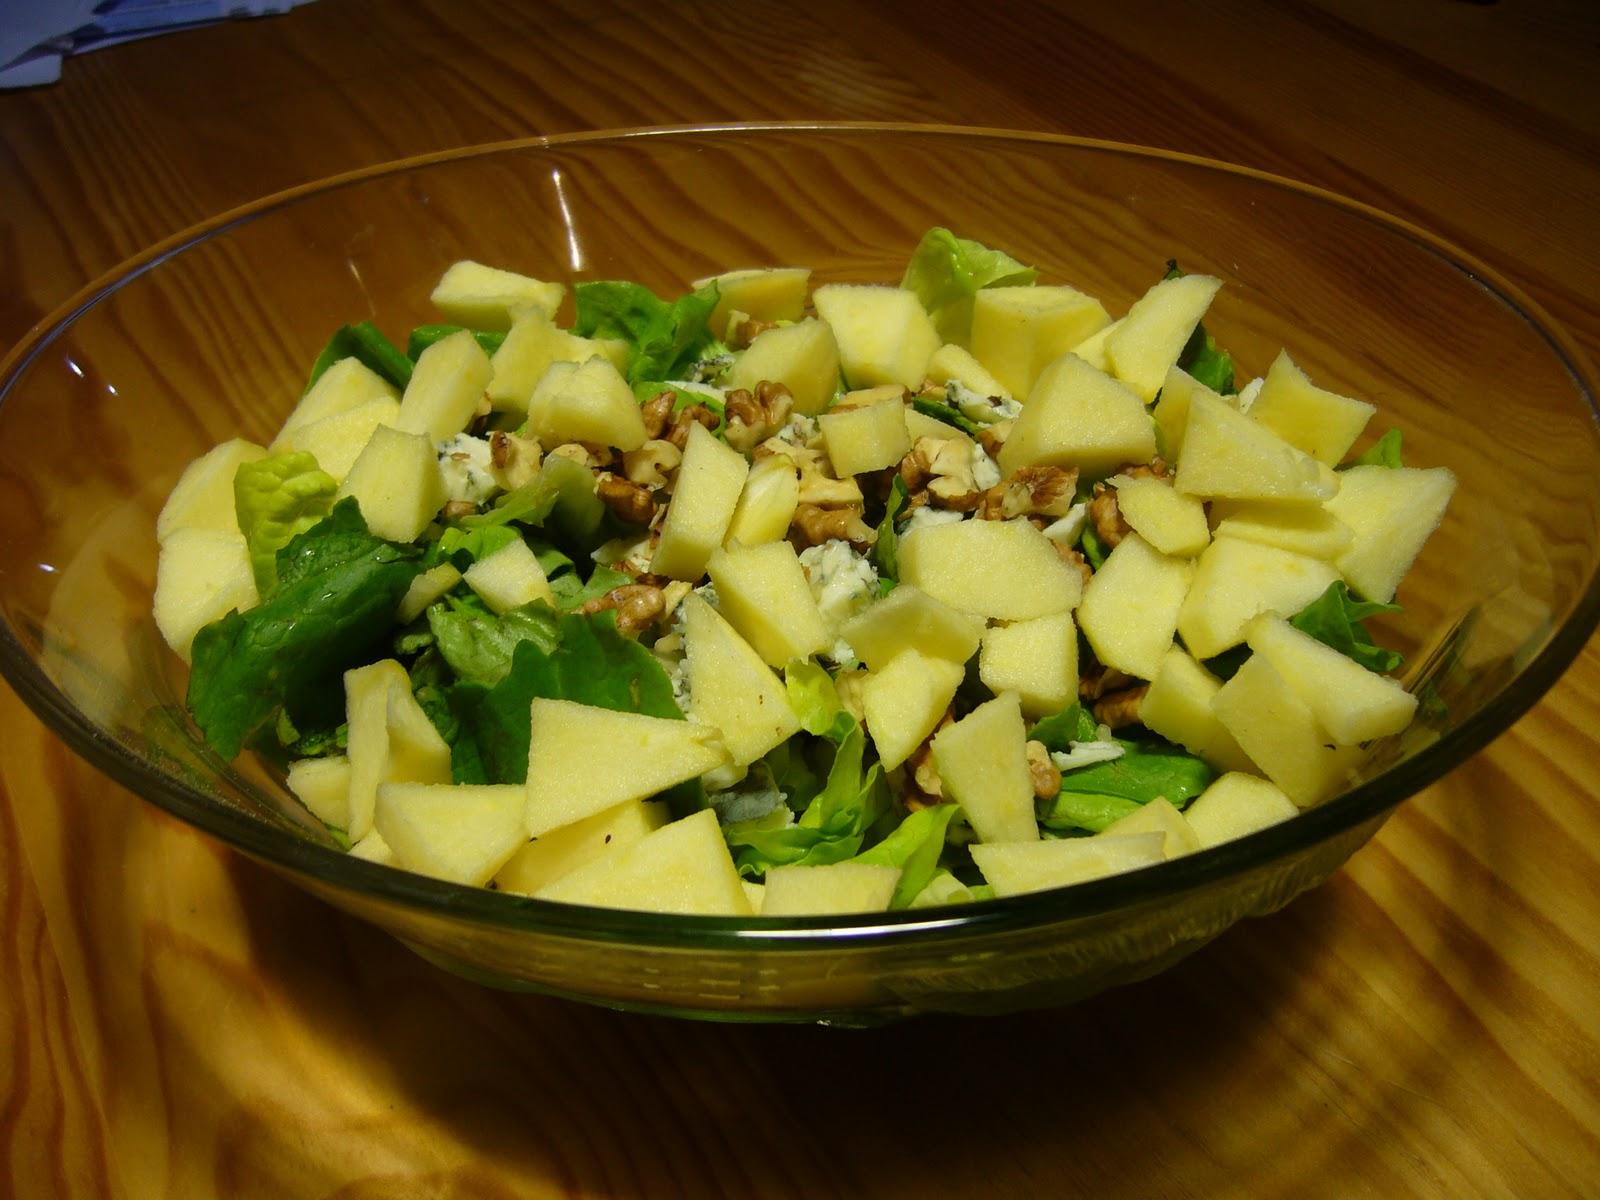 Salade au roquefort et aux noix - Lade bz ...